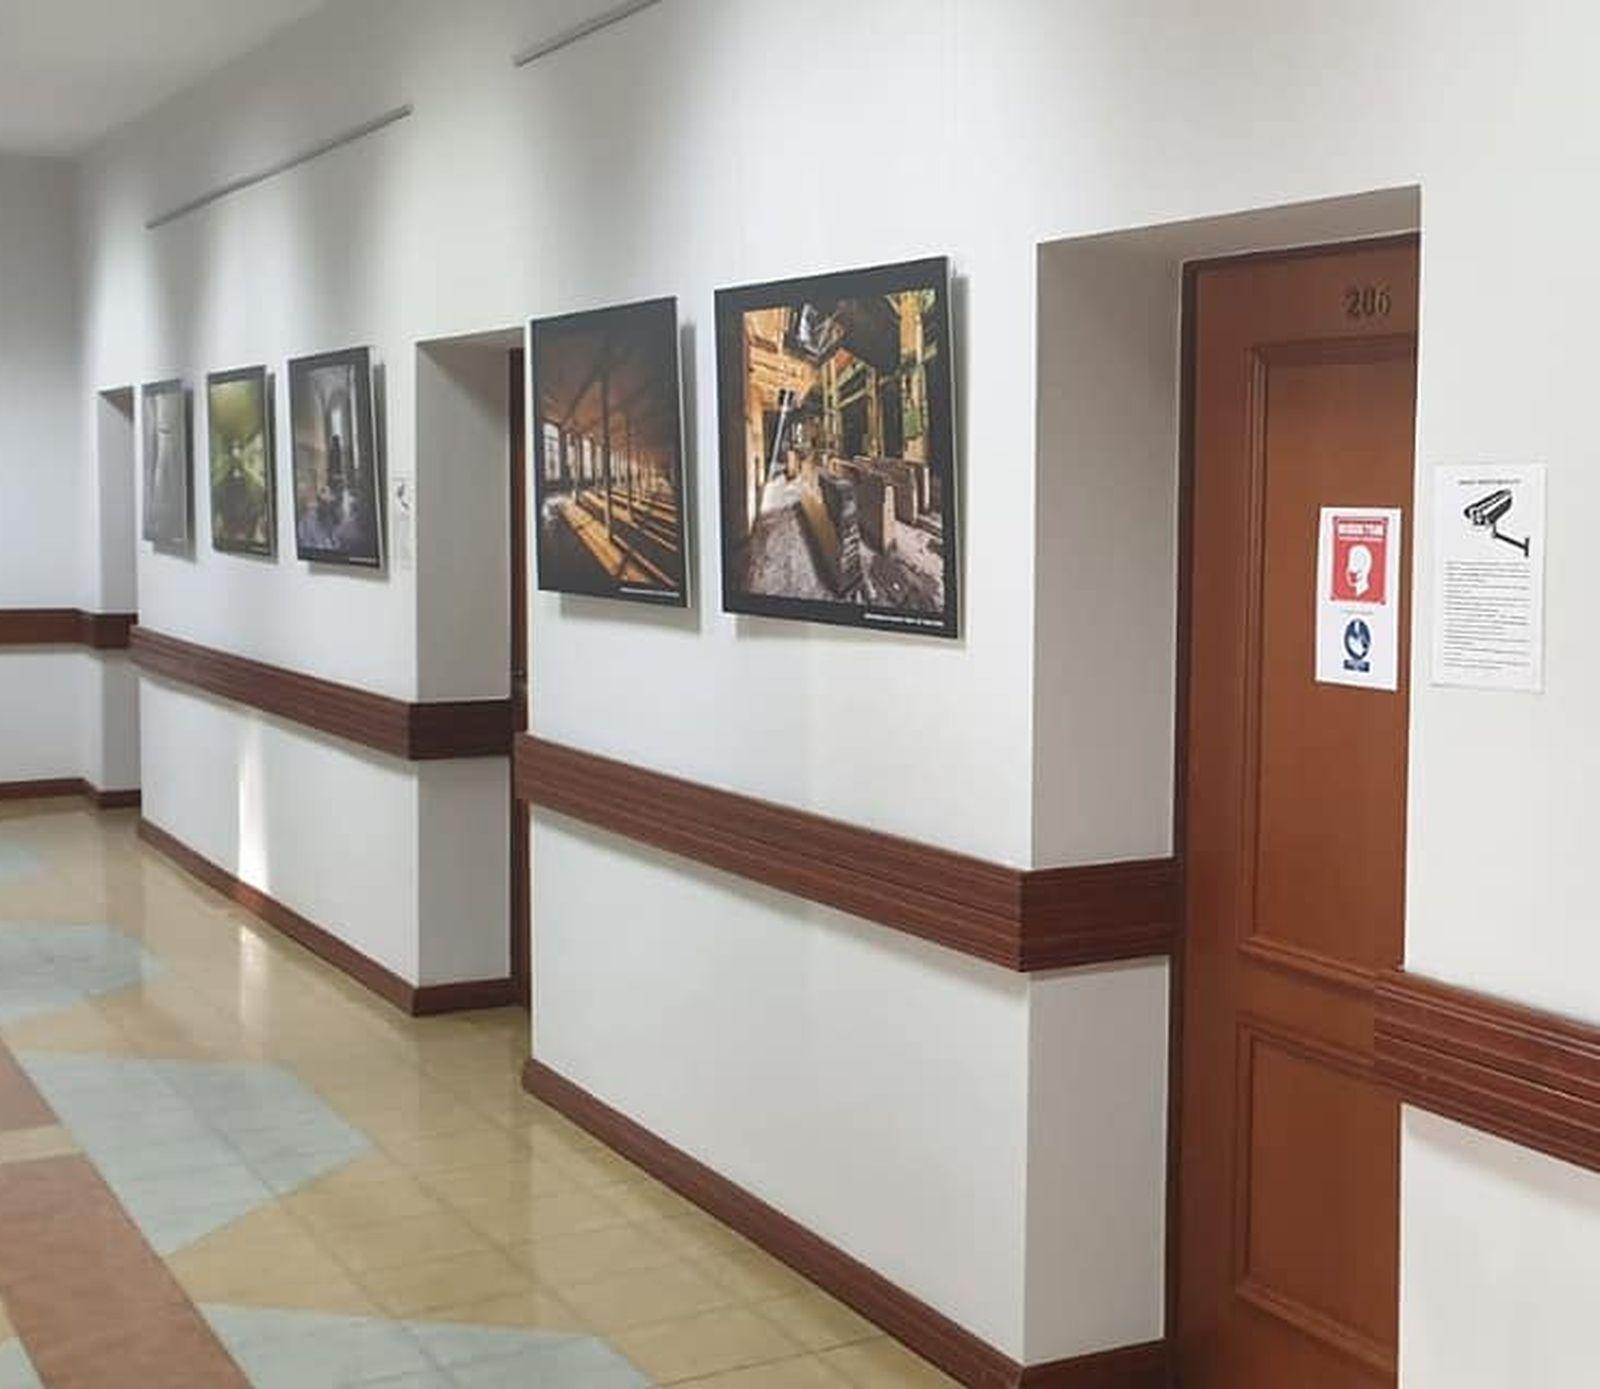 Pleszew. Burmistrz zrobił w urzędzie… galerię sztuki. Urzędowe korytarze są dziś nie do poznania - Zdjęcie główne